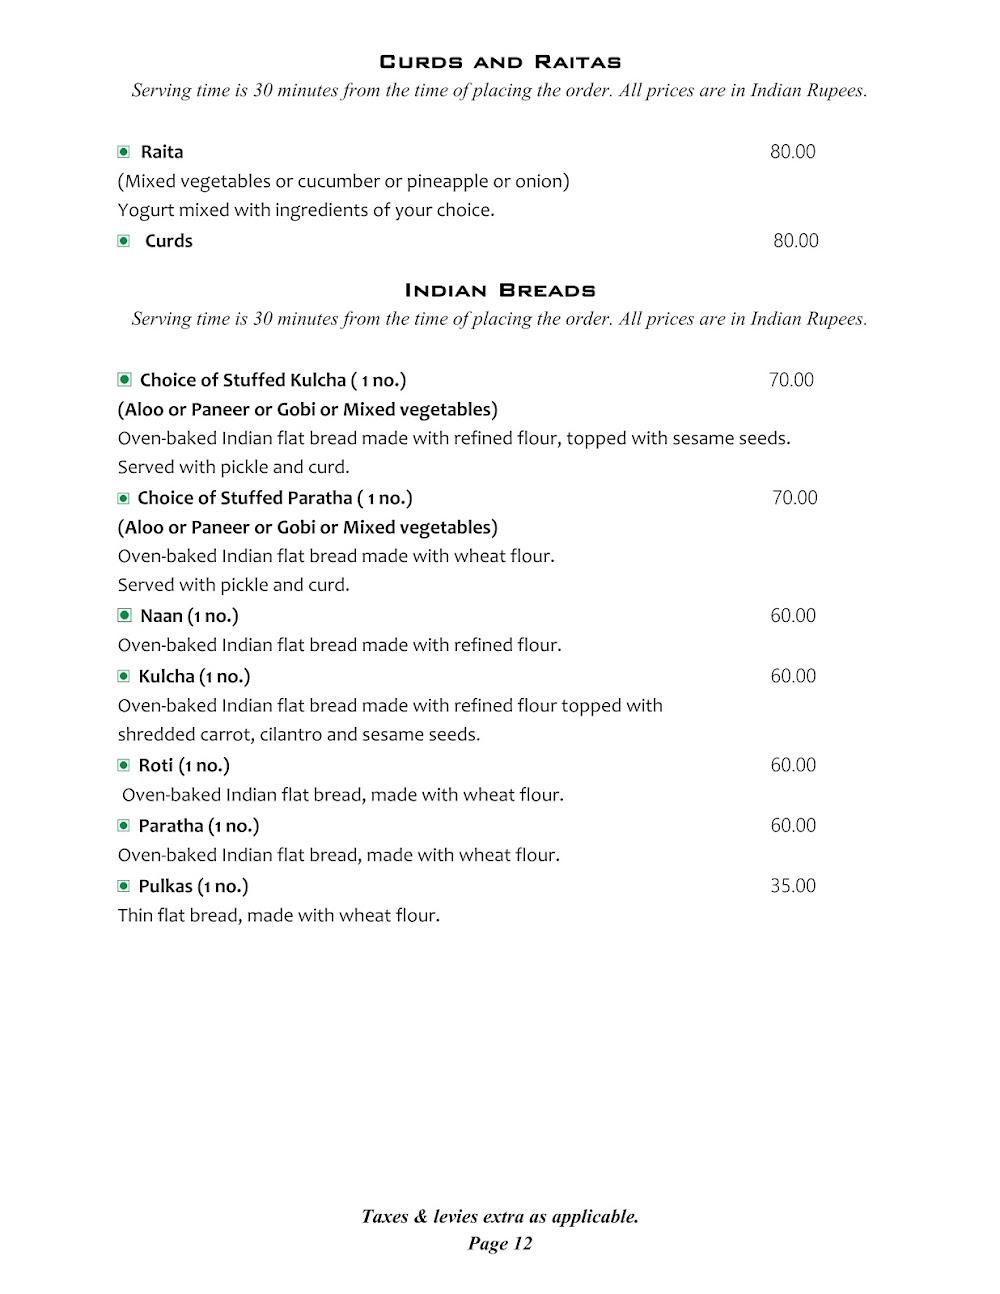 Cafe @ Elanza menu 10